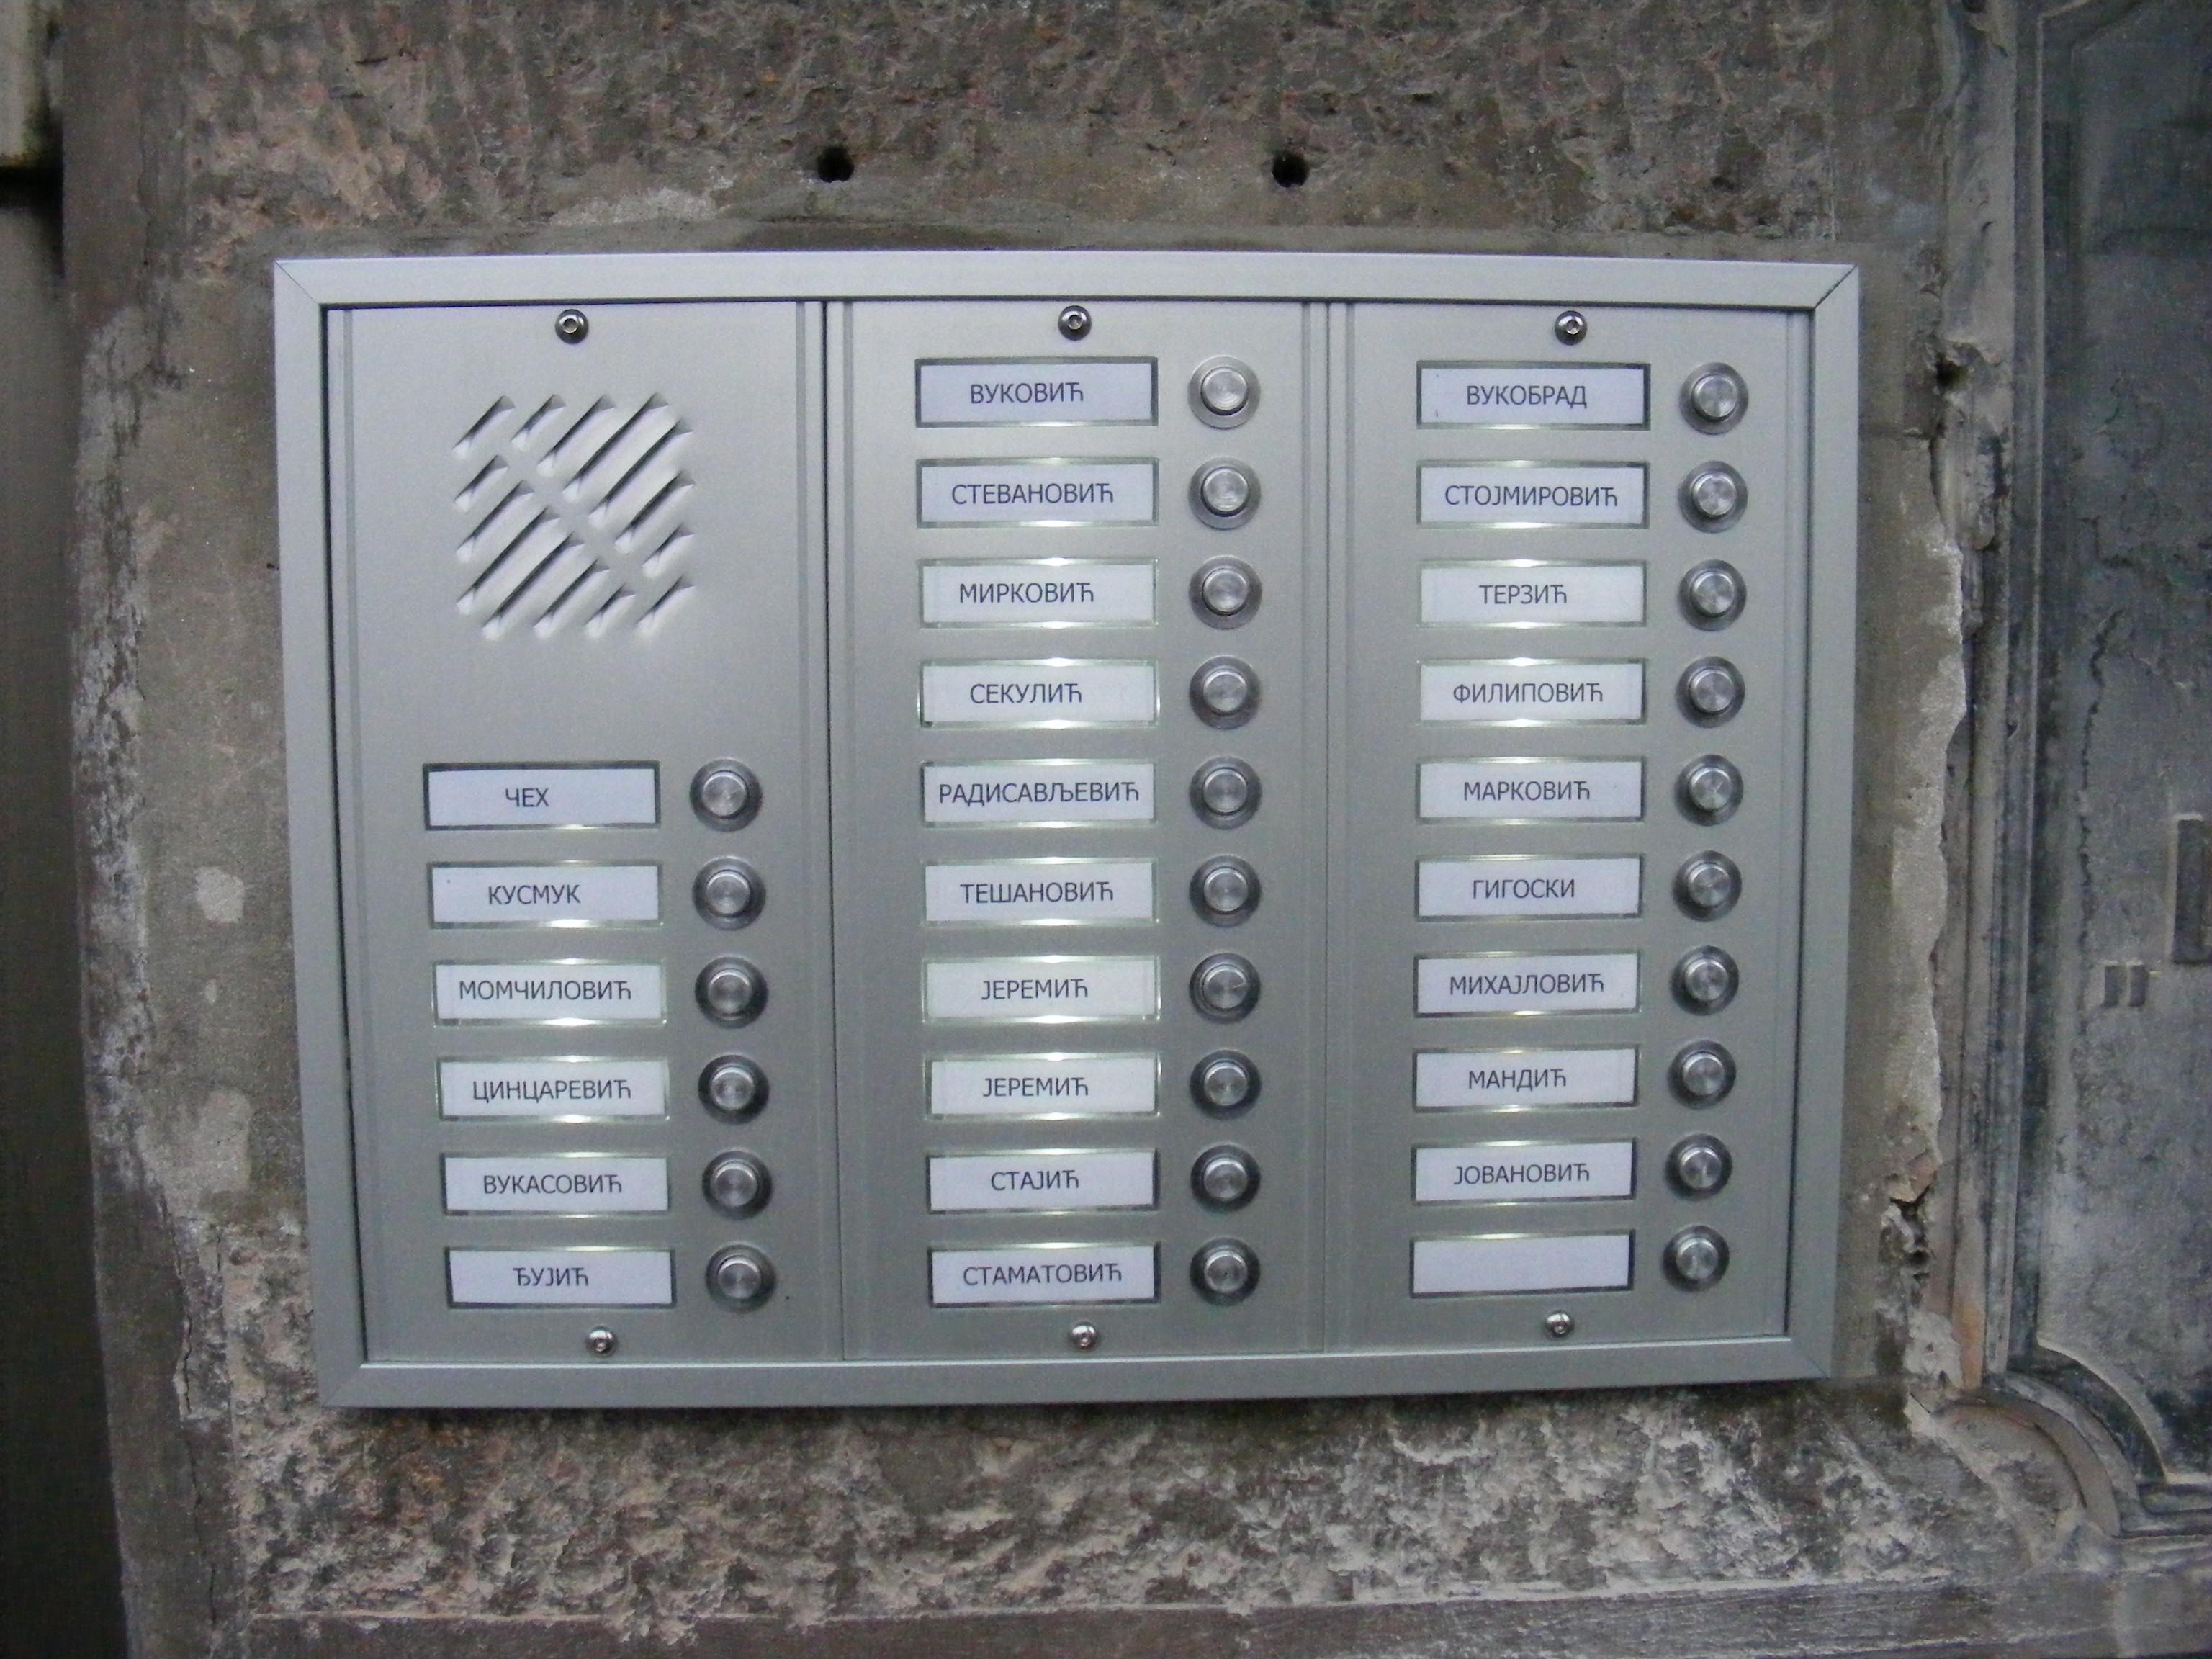 MEGAHERC, video nadzor i alarmni sistemi i interfoni Beograd, ugradnja interfona